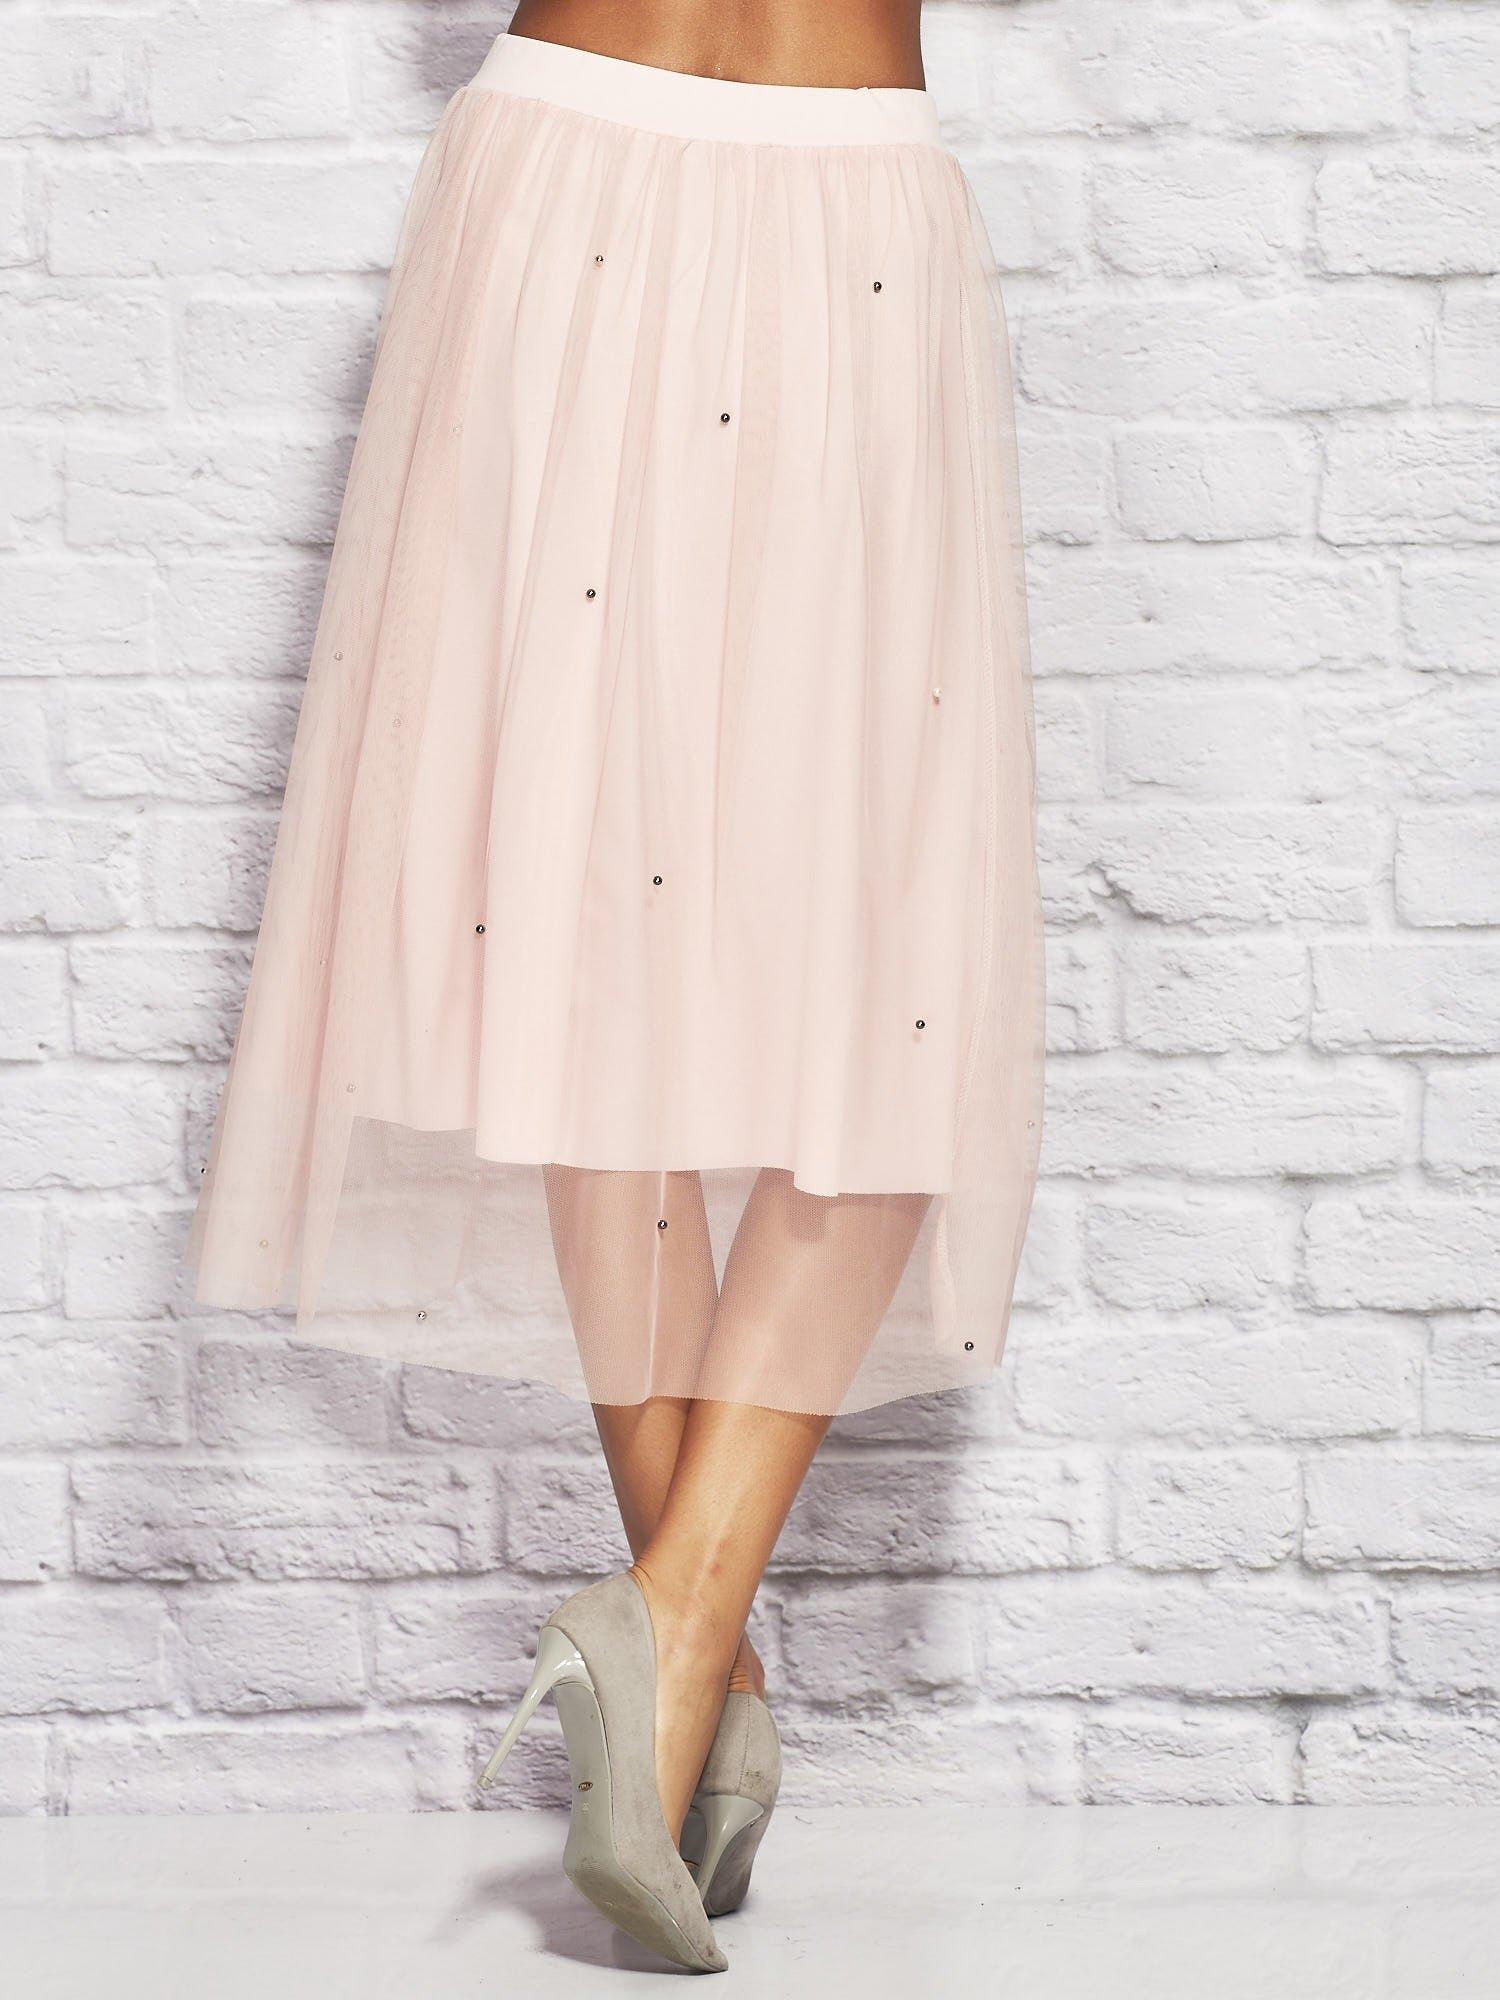 3c6b921267 Różowa tiulowa spódnica midi z perełkami - Spódnica rozkloszowana - sklep  eButik.pl